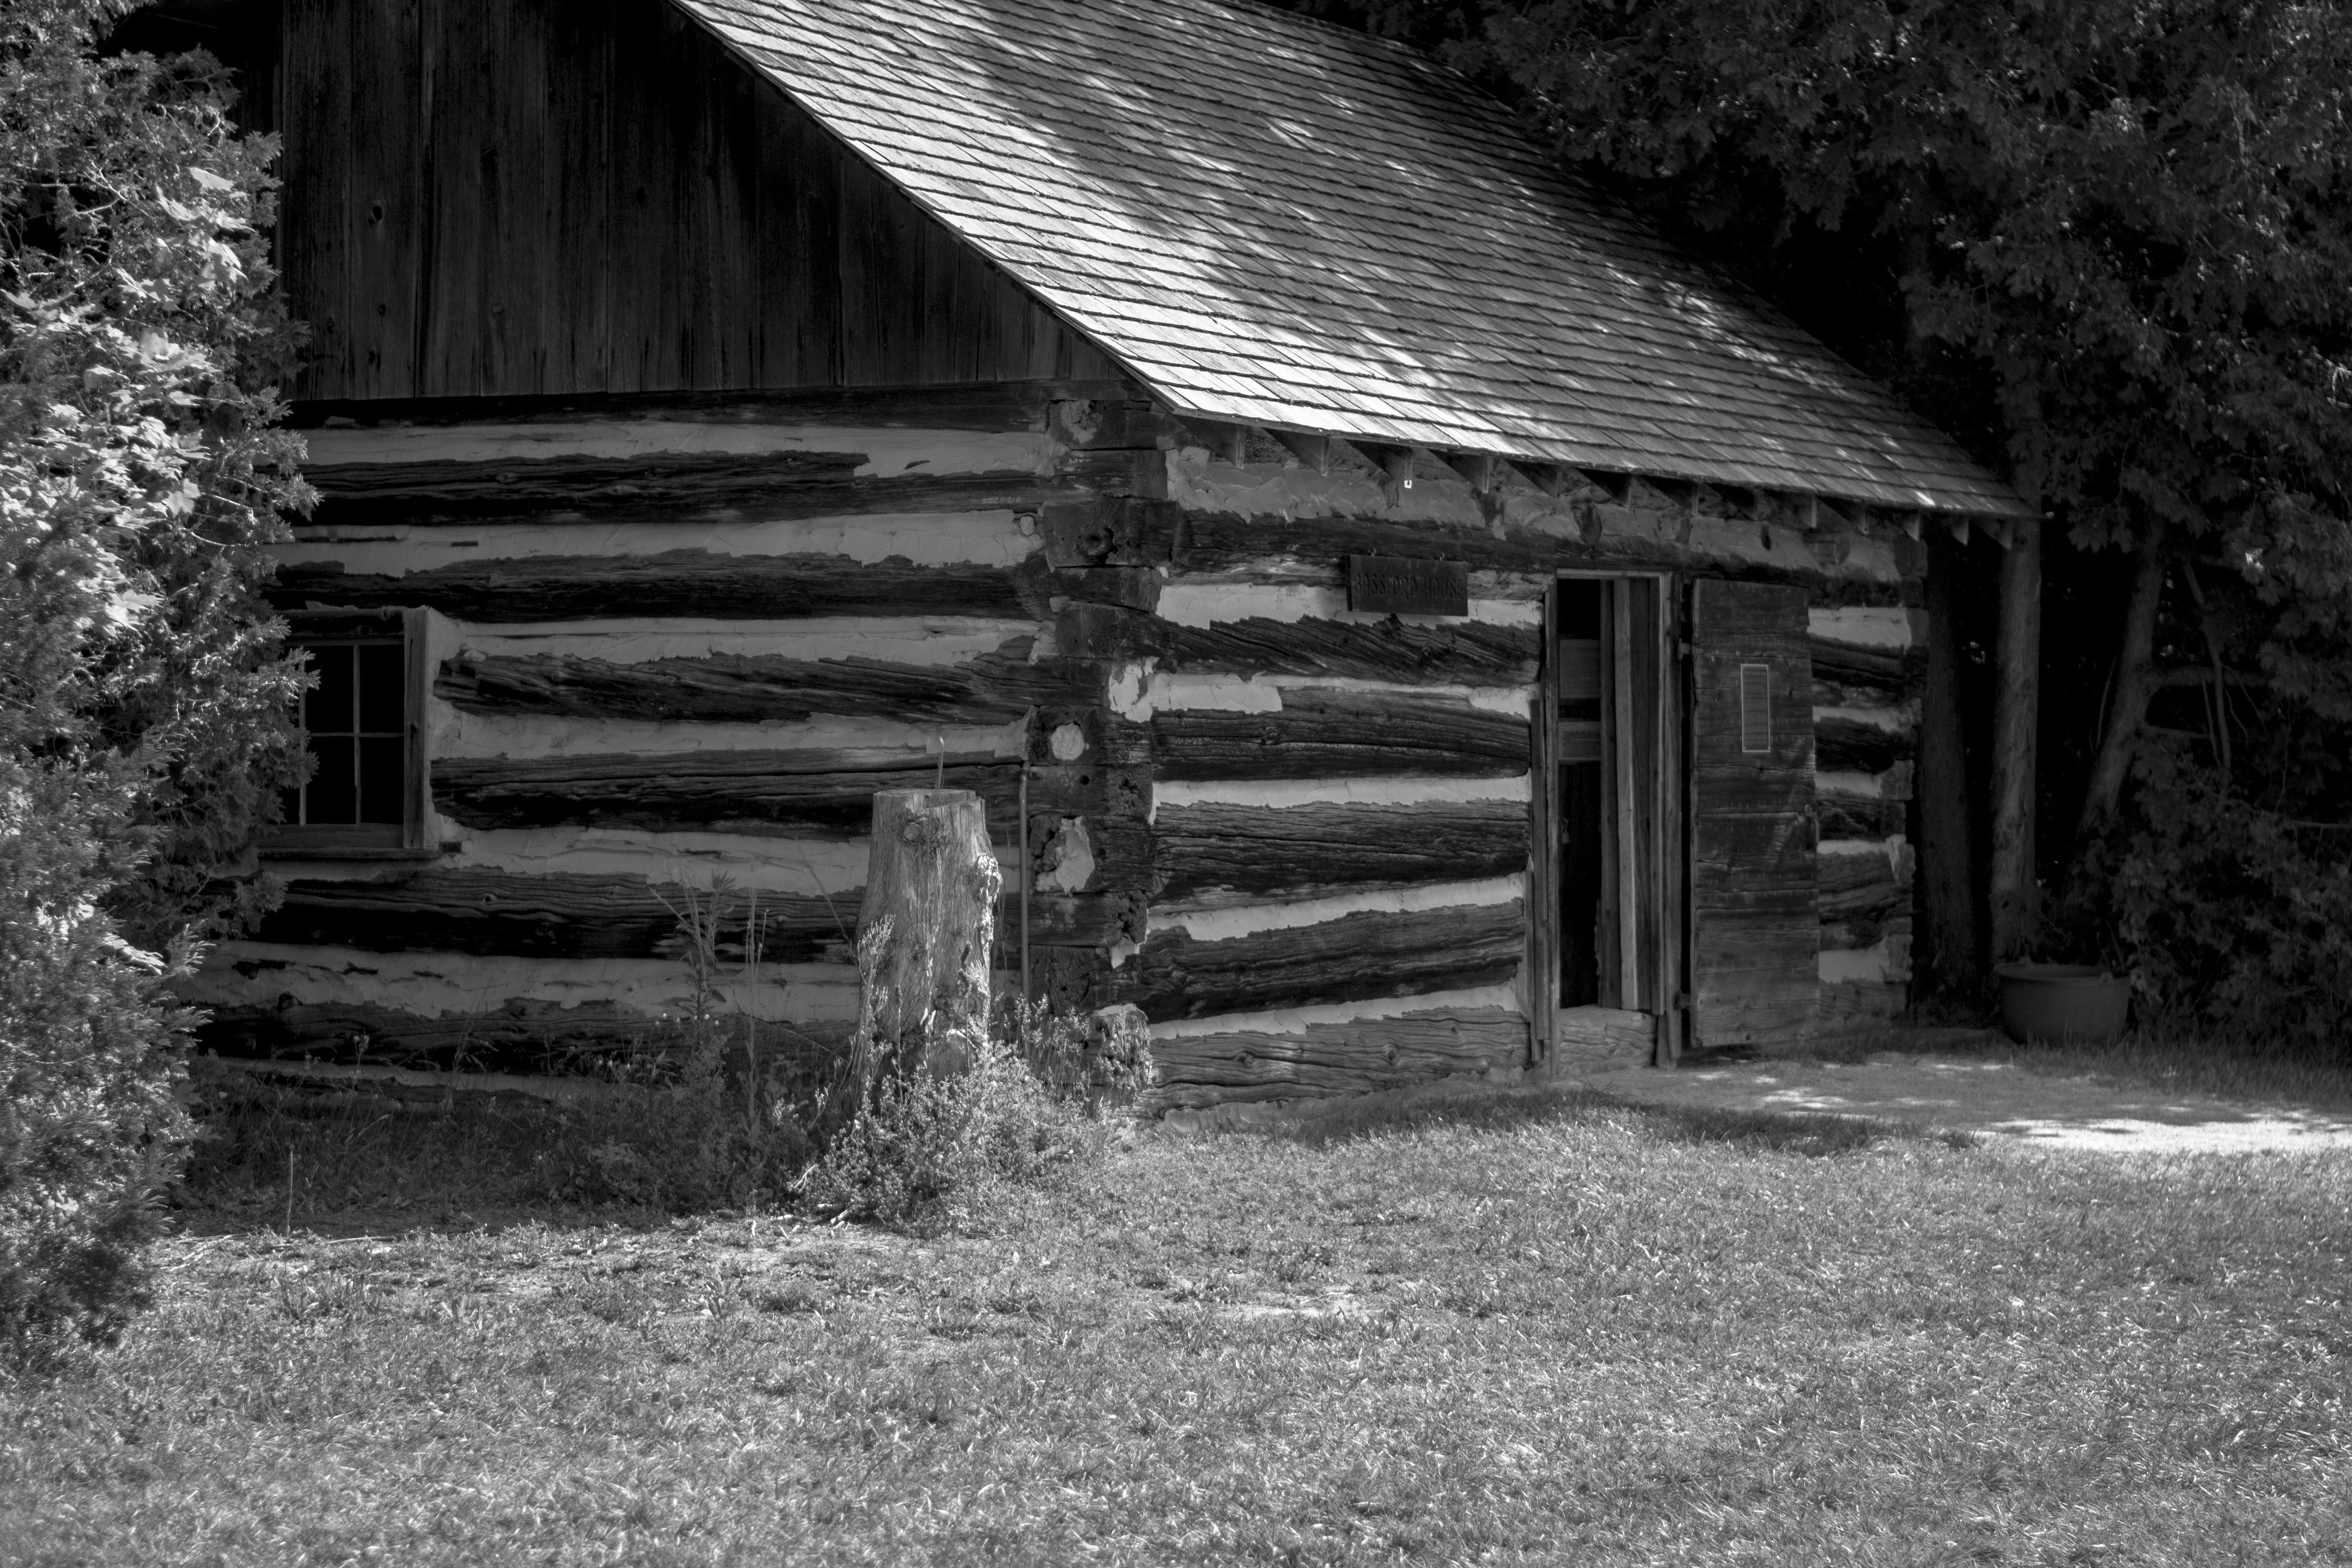 черно белые картинки старые домашних важно насколько